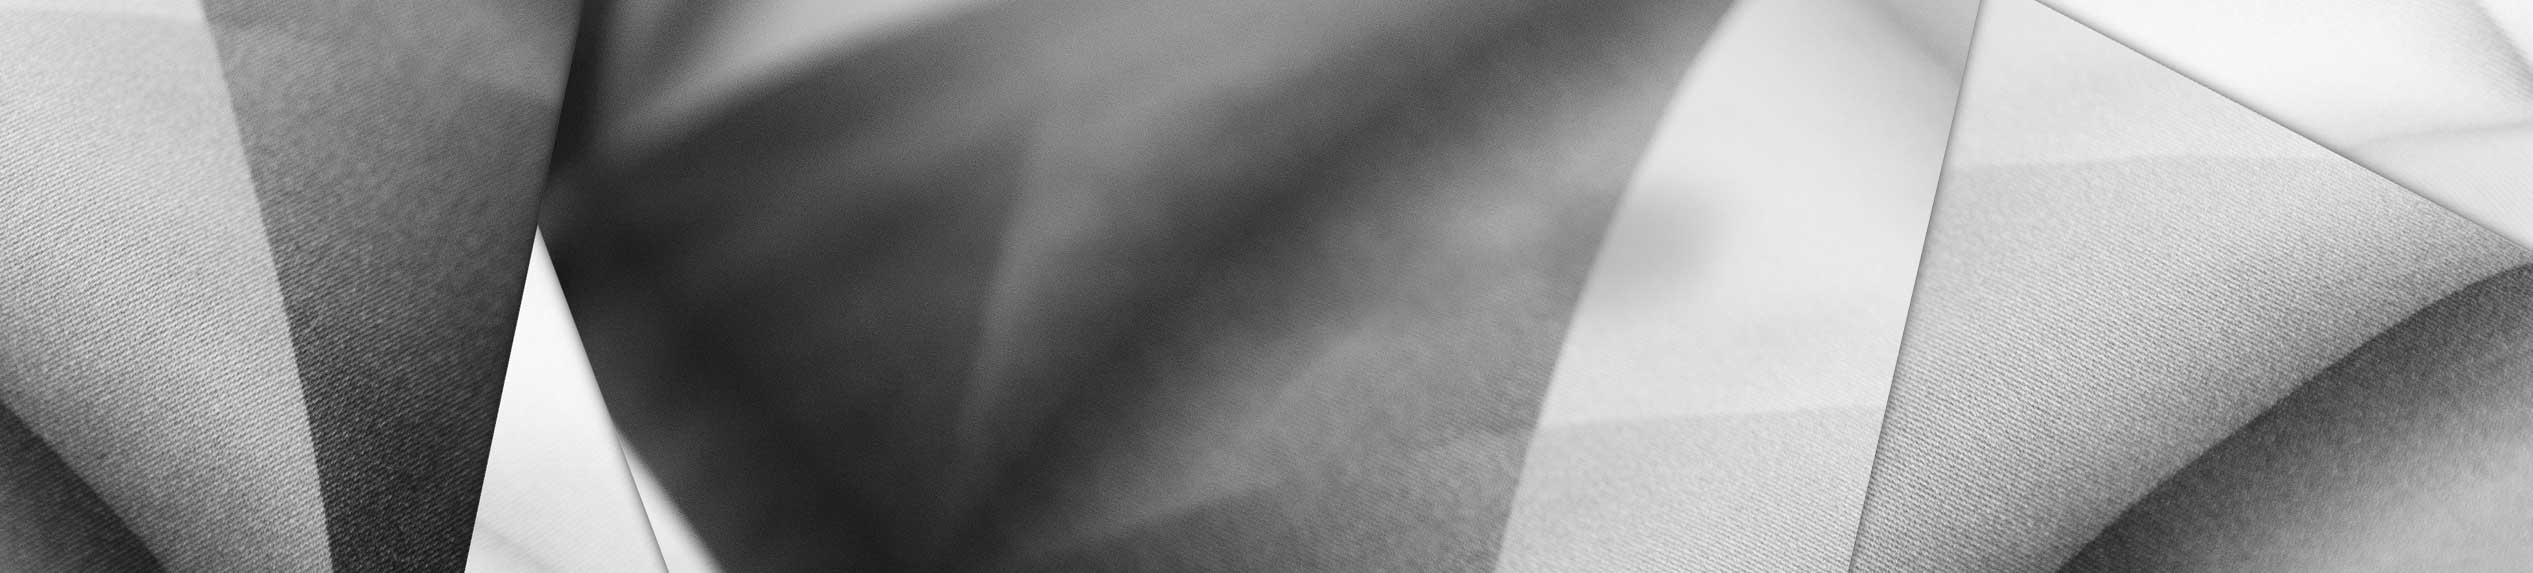 Estella Bettwäsche und Haustextilien-Qualitäten | Online-Shop